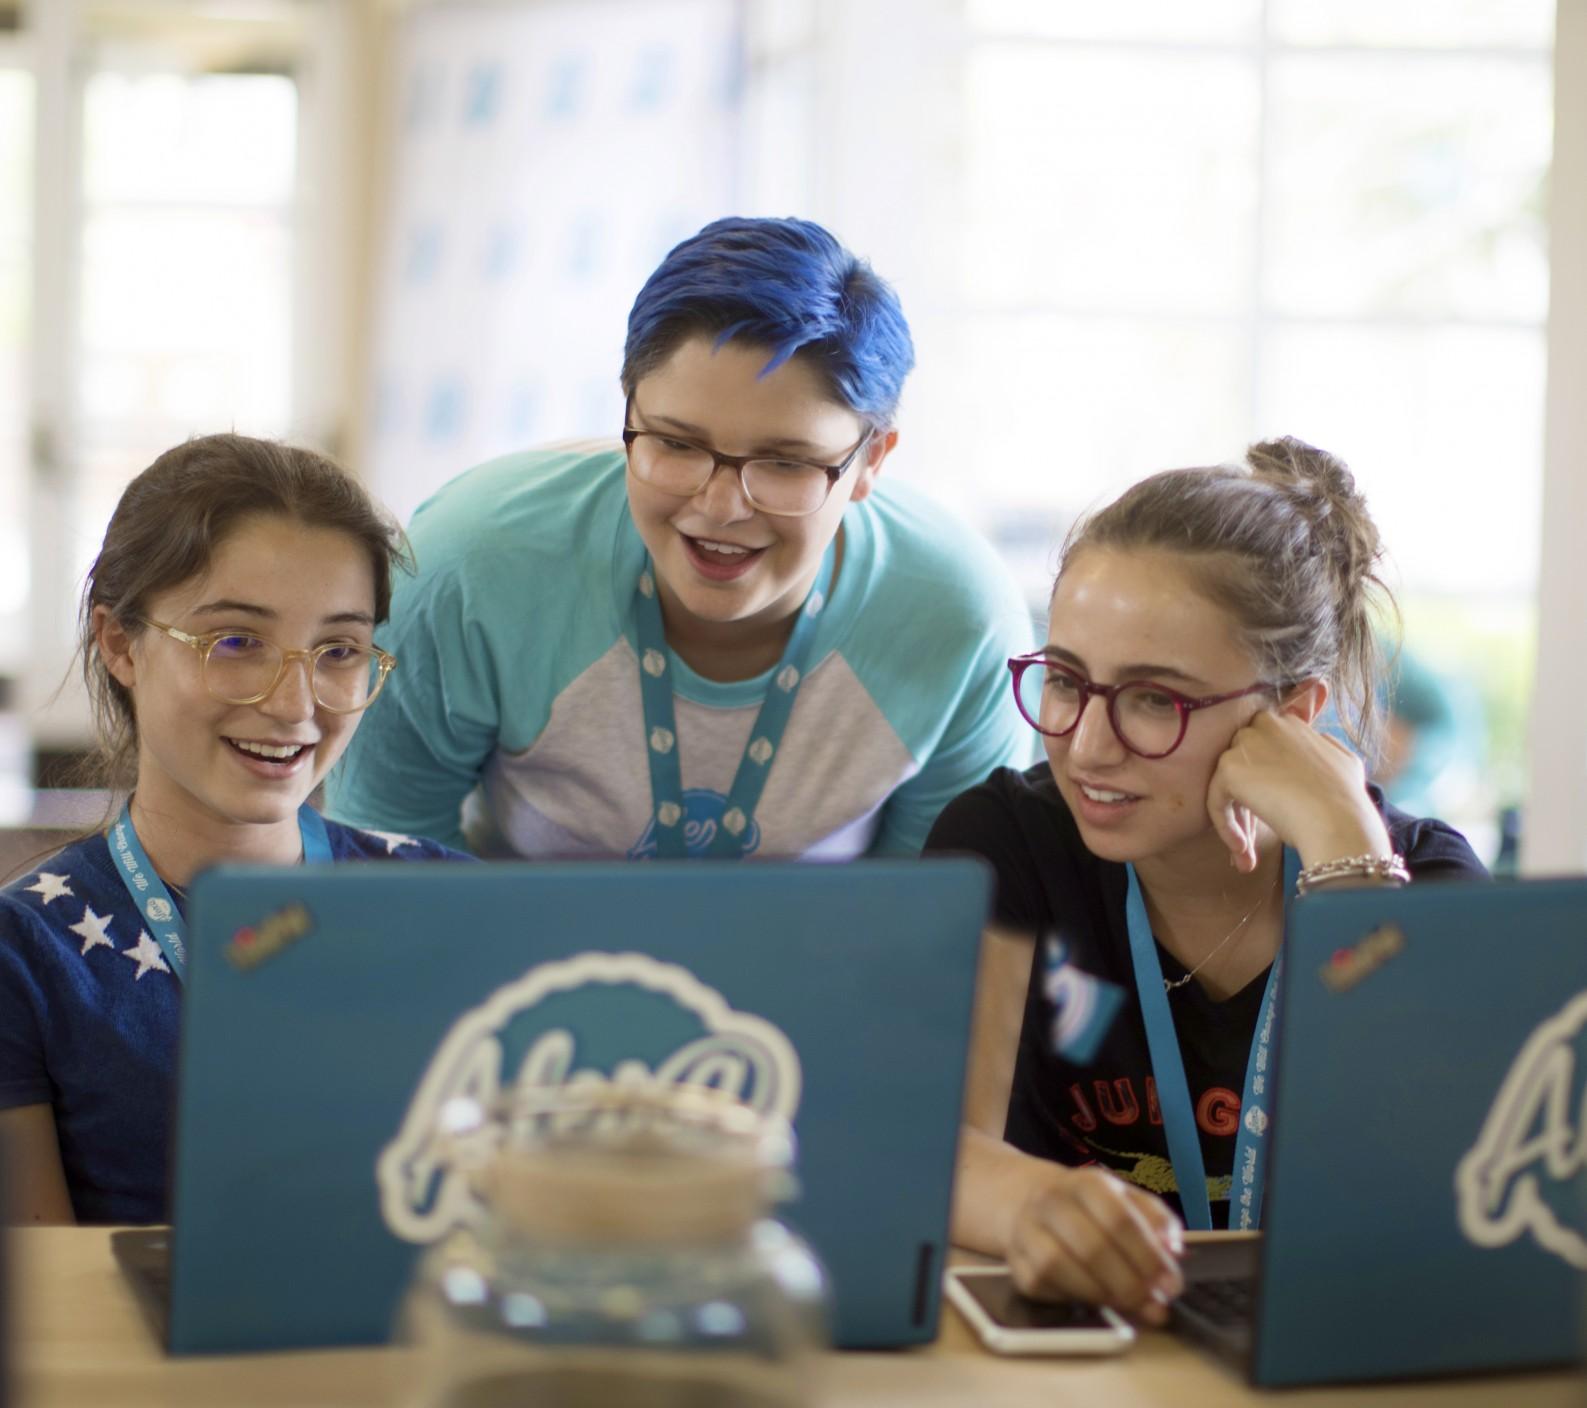 Summer Program - Mathematics | Alexa Cafe: All-Girls STEM Camp